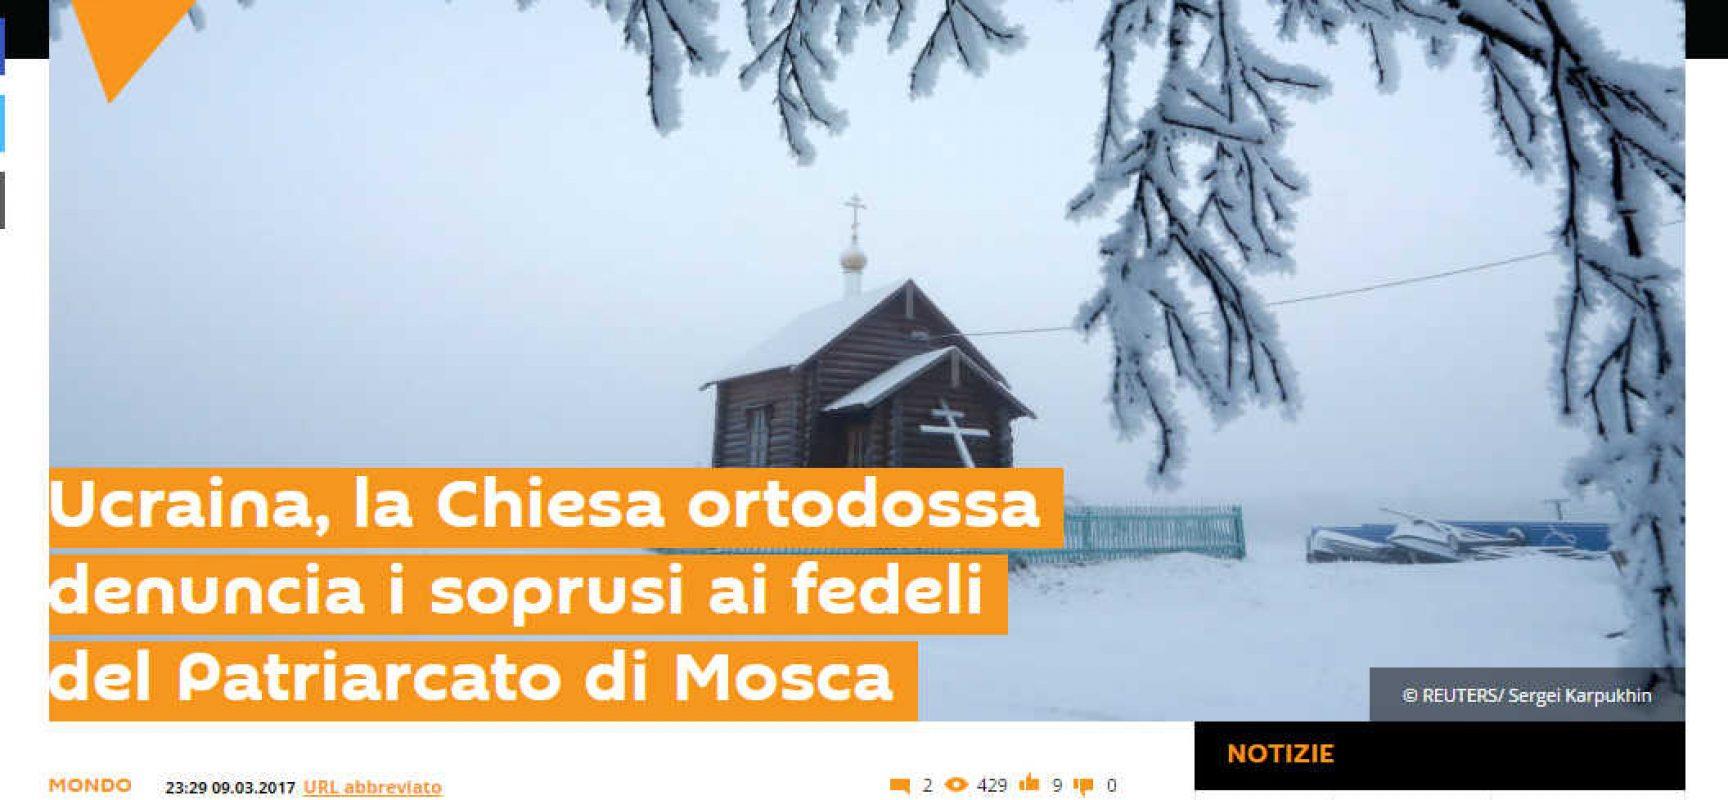 Fake : Ucraina, la Chiesa ortodossa denuncia i soprusi ai fedeli del Patriarcato di Mosca